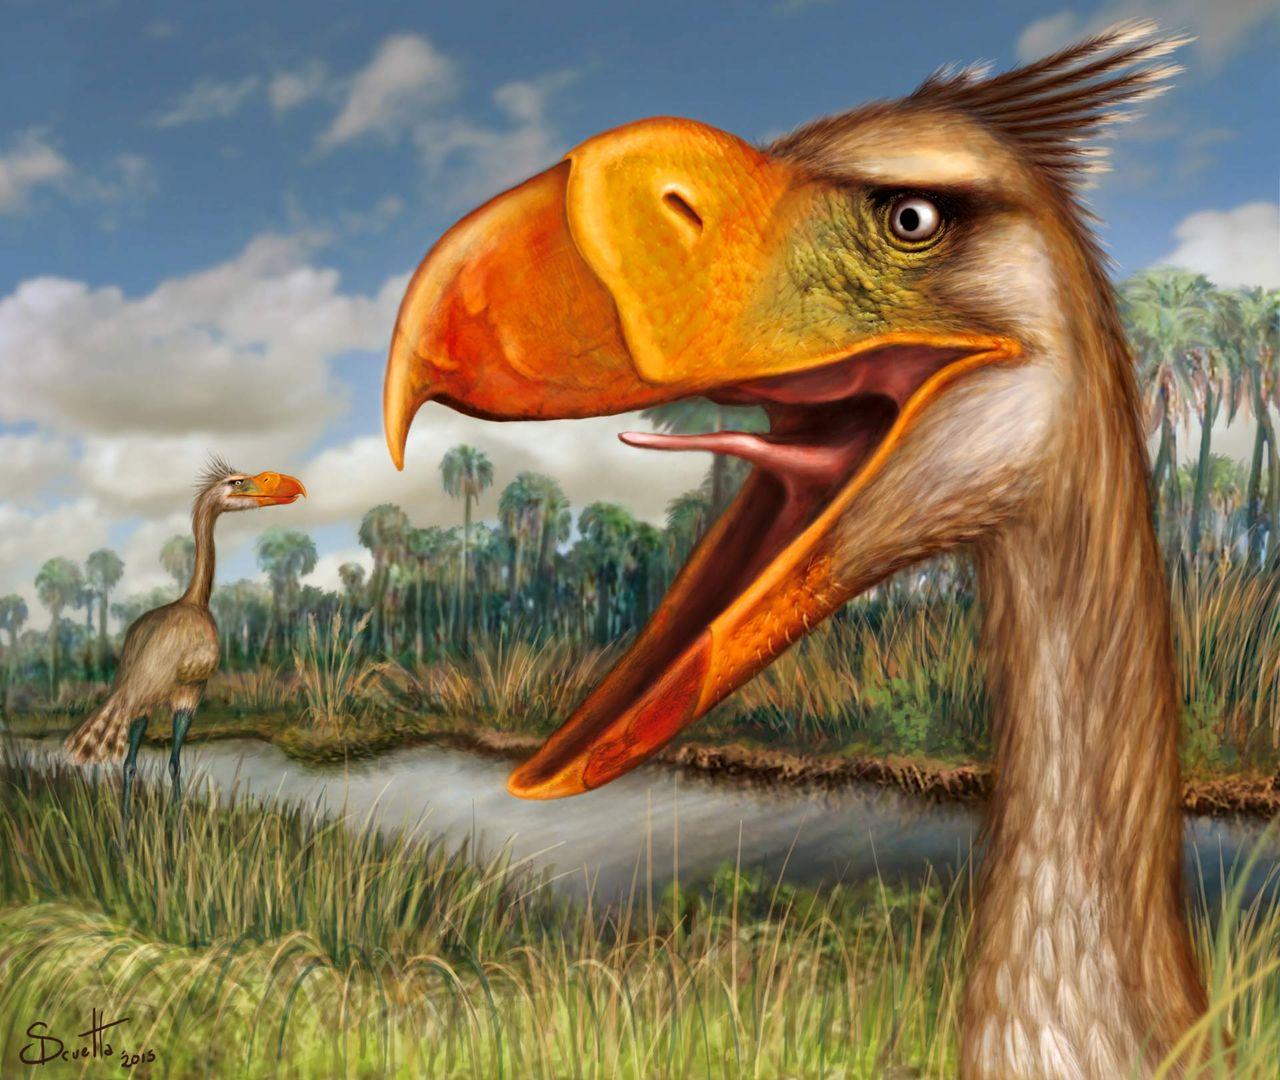 Utdöd fågelart upptäckt i Argentina